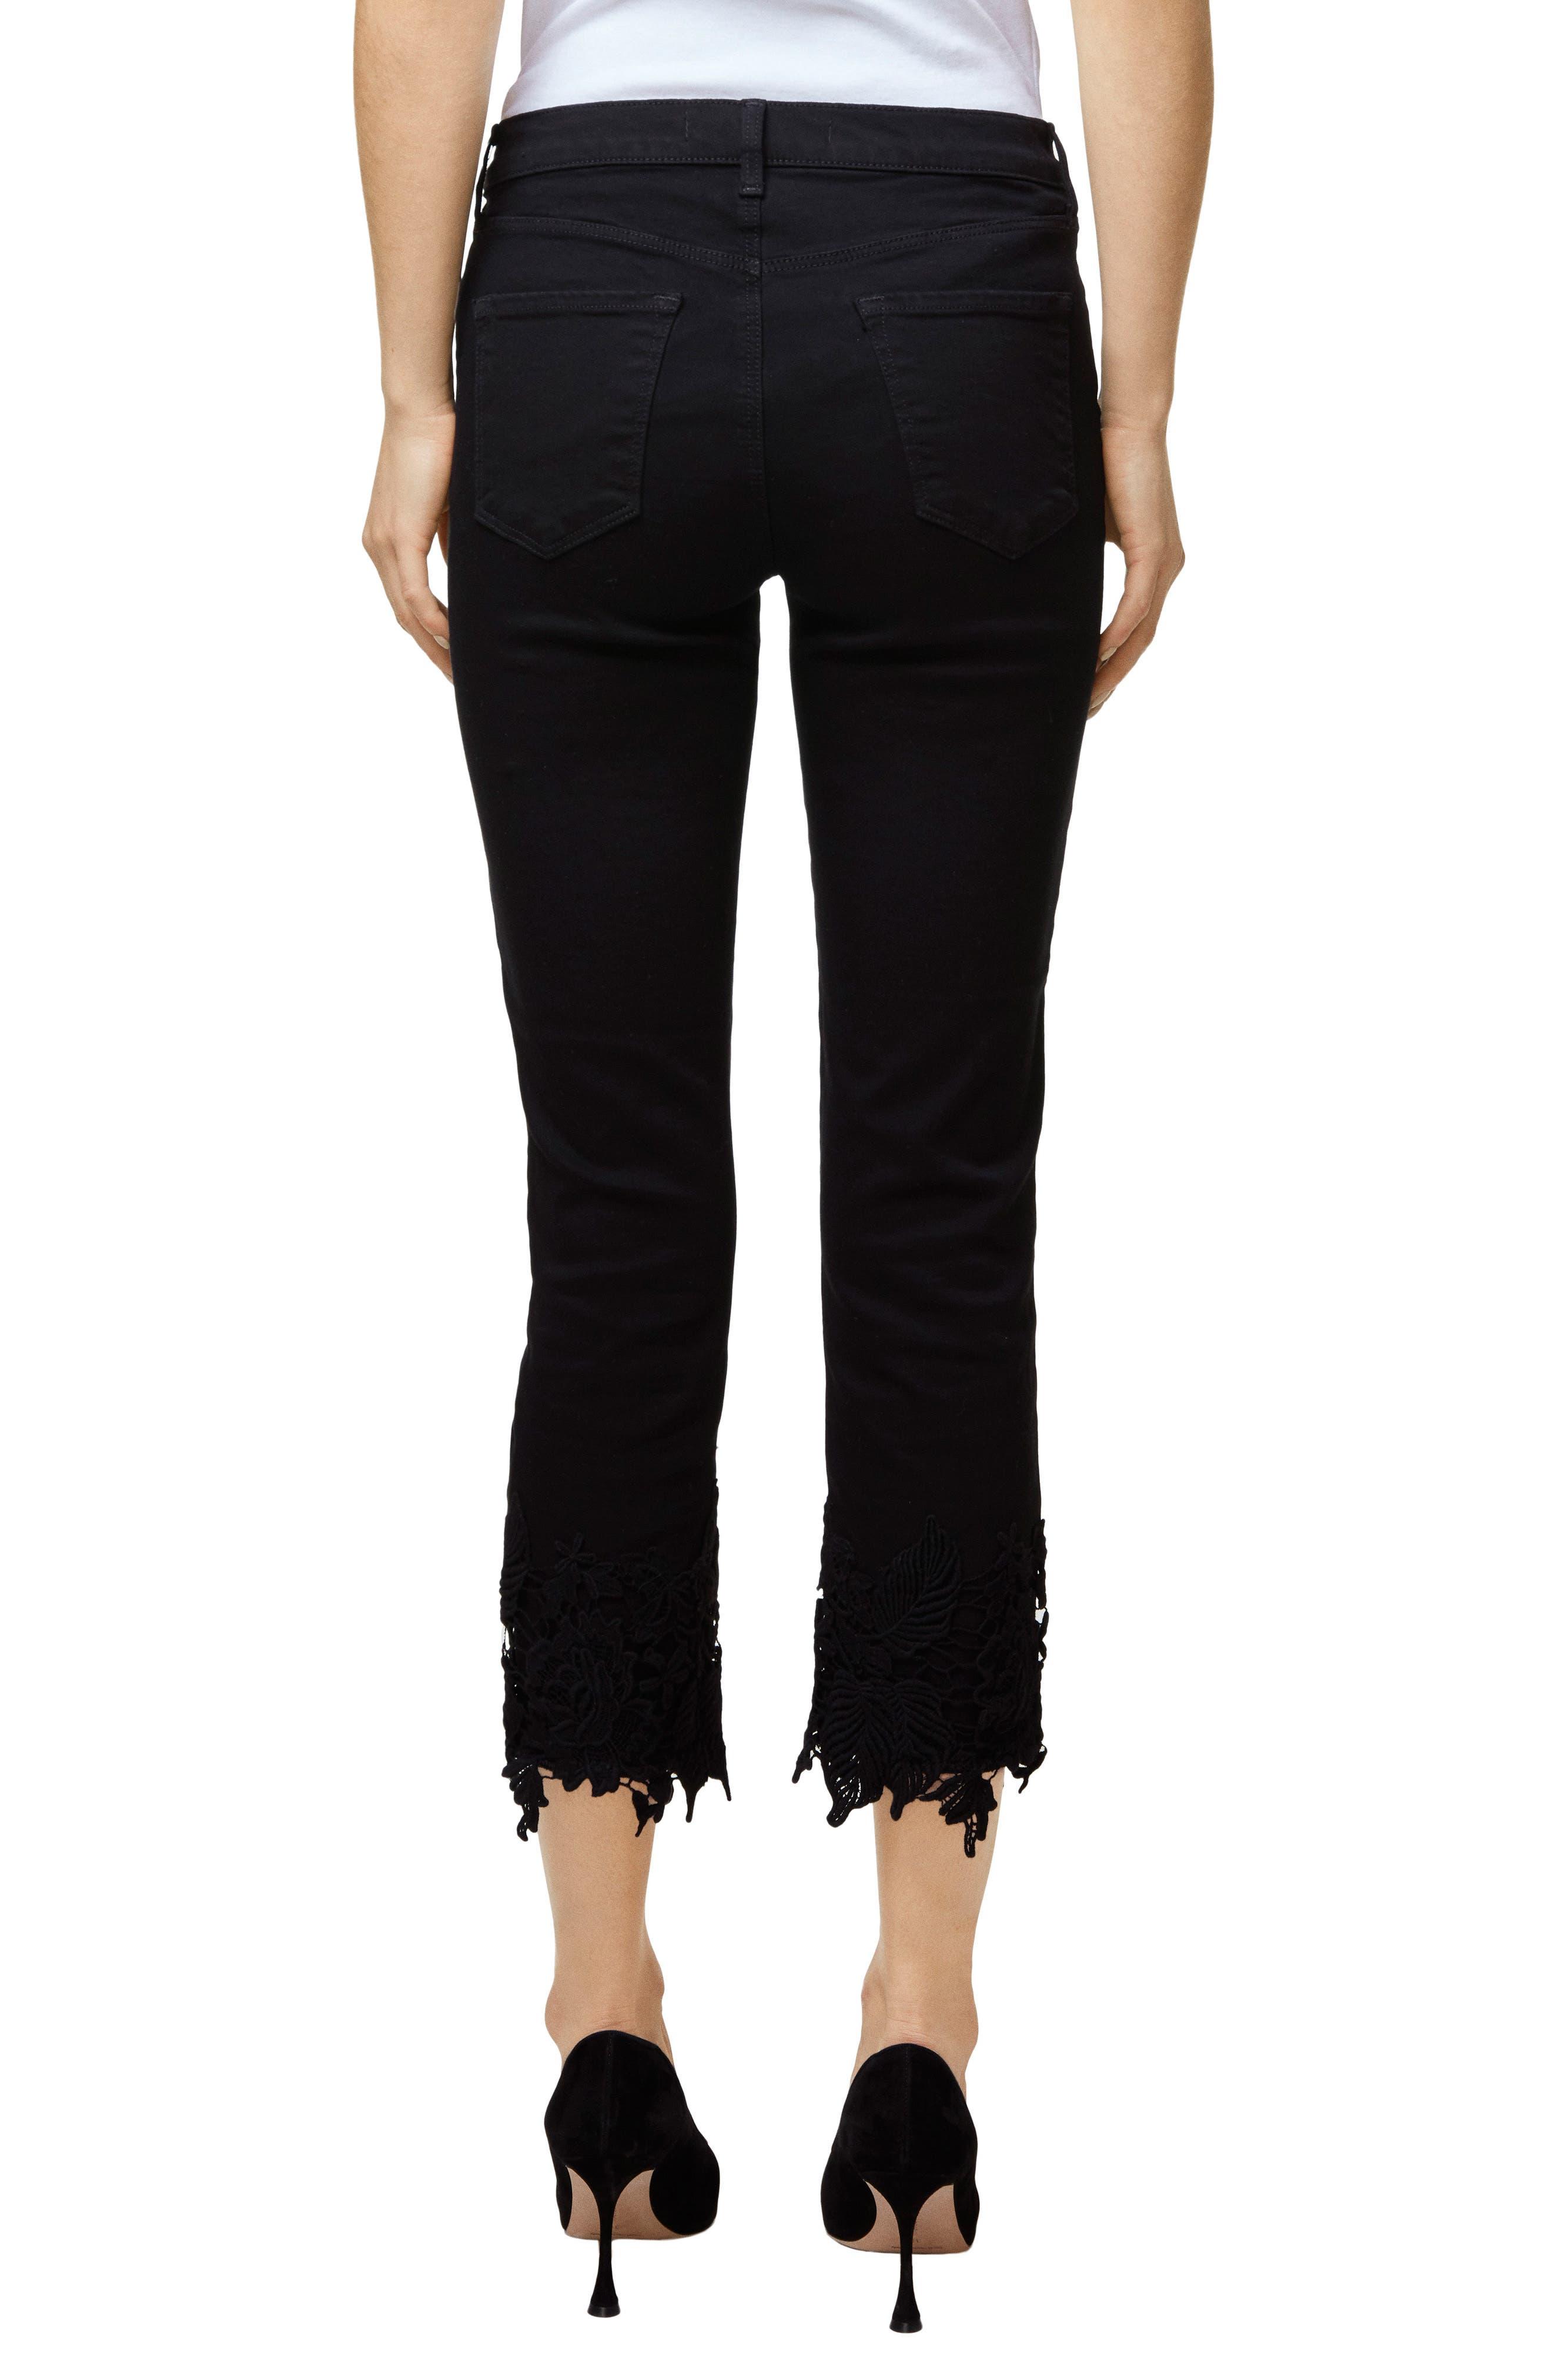 Ruby High Waist Crop Cigarette Jeans,                             Alternate thumbnail 2, color,                             Black Lace